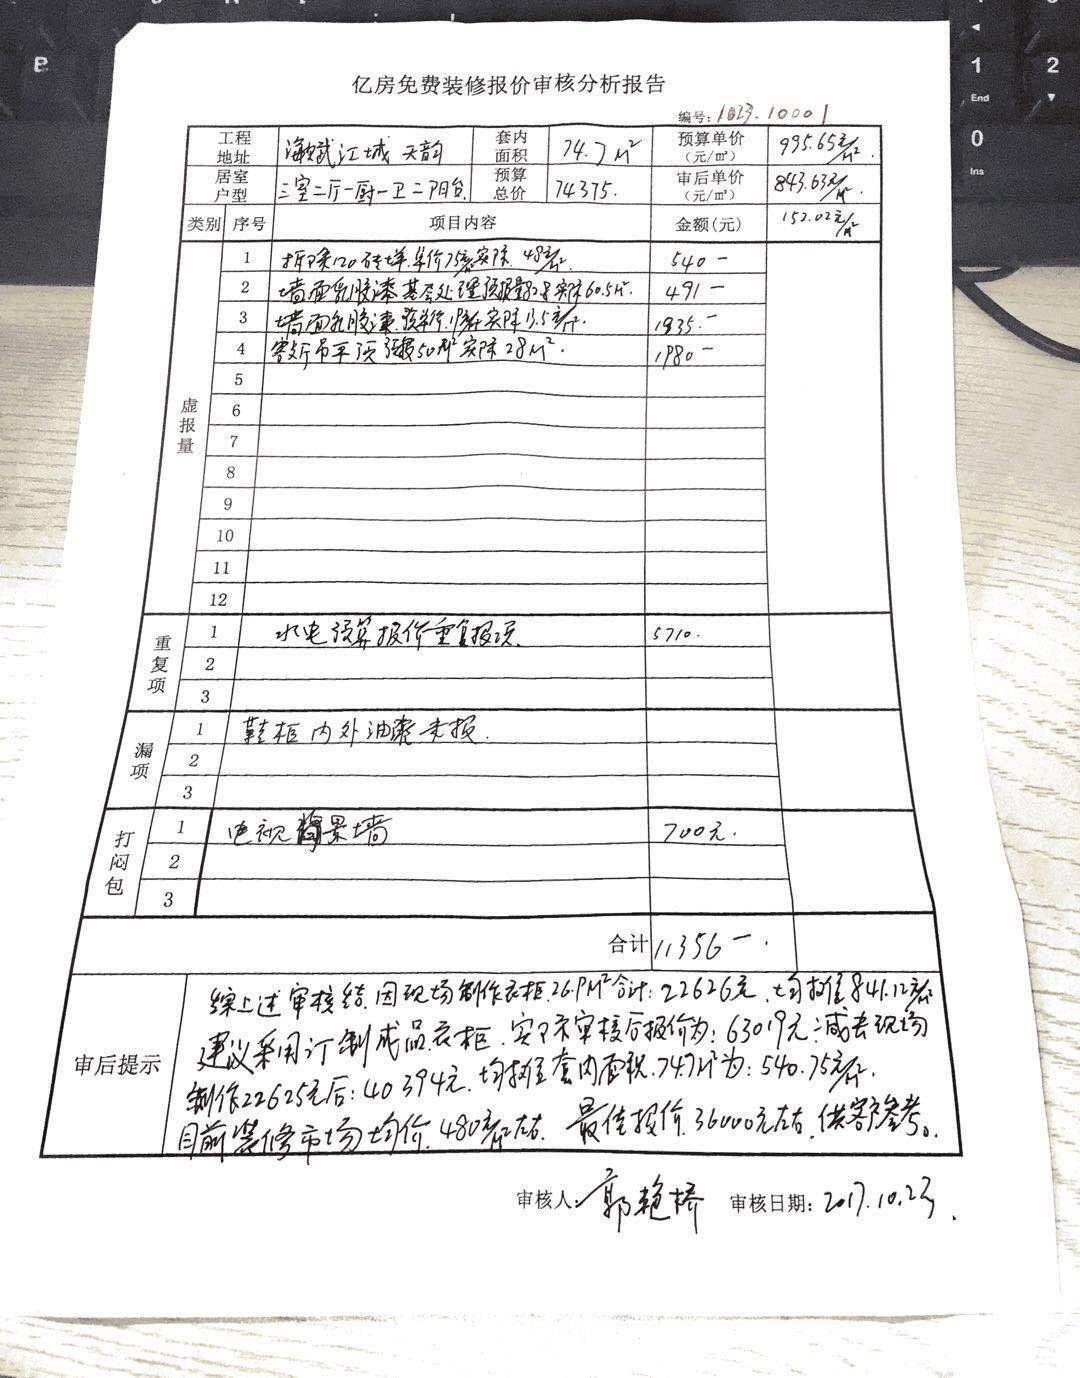 海赋江城天韵报价审核结果1